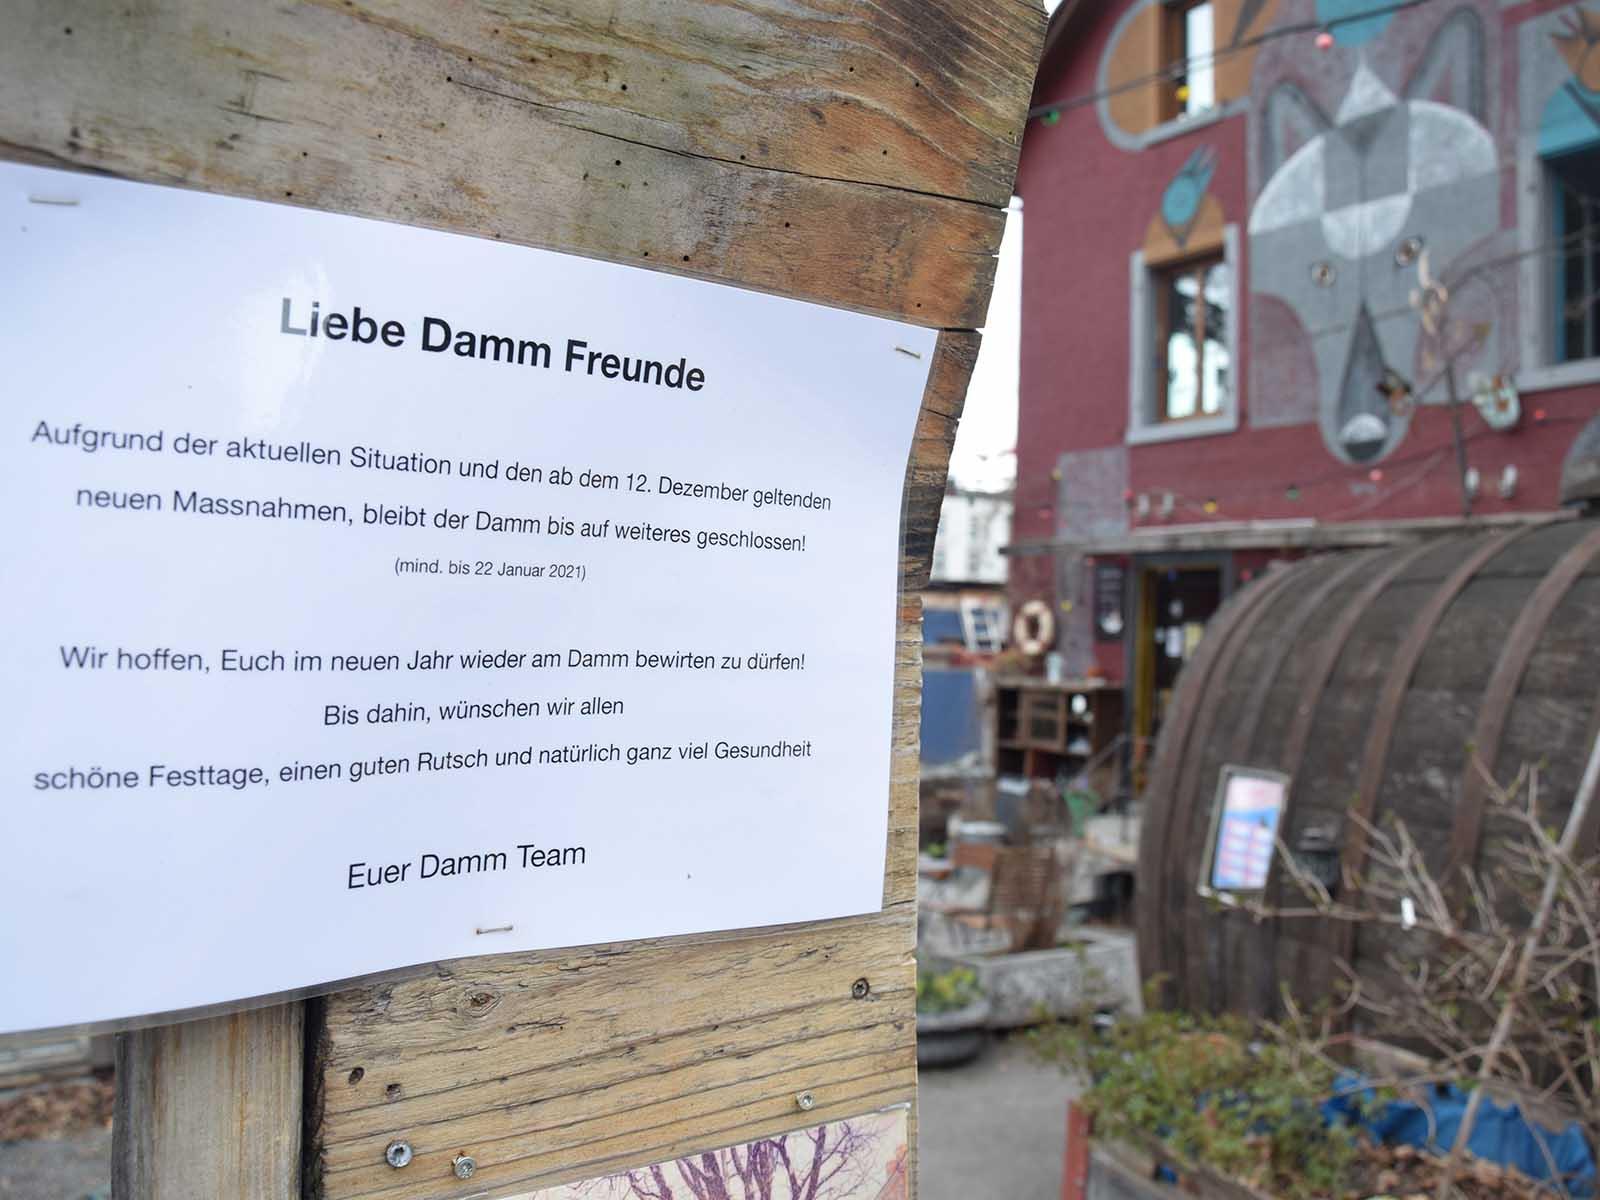 Mit einer kleinen Botschaft wendet sich die geschlossene Dammbar seit dem 12. Dezember an die «Damm-Freunde».